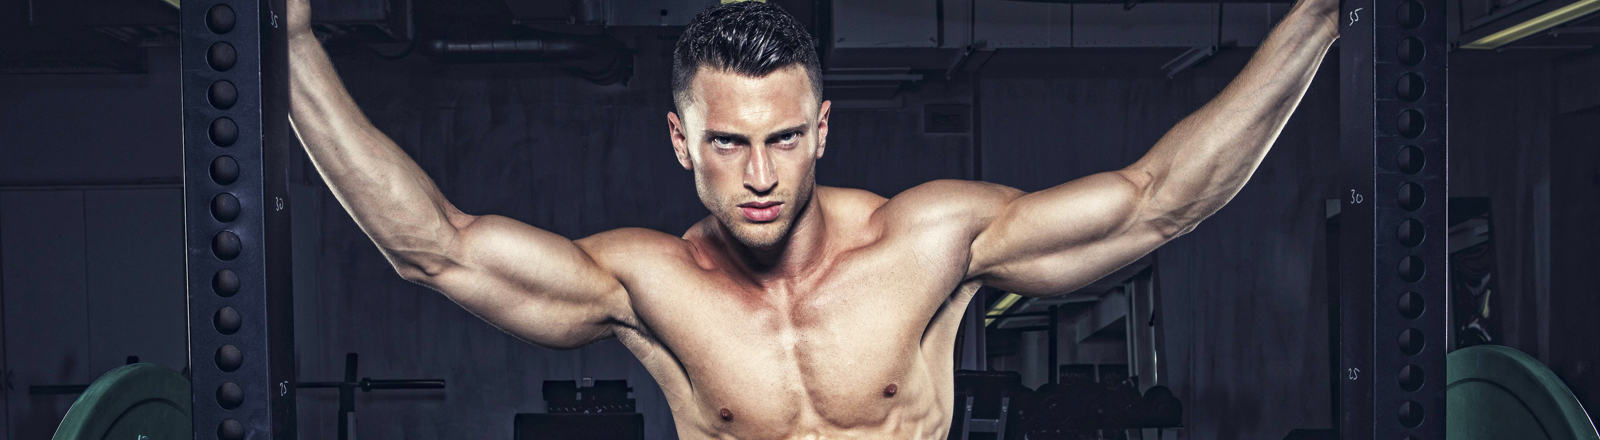 Ein durchtrainierter Mann zeigt seine Muskeln.